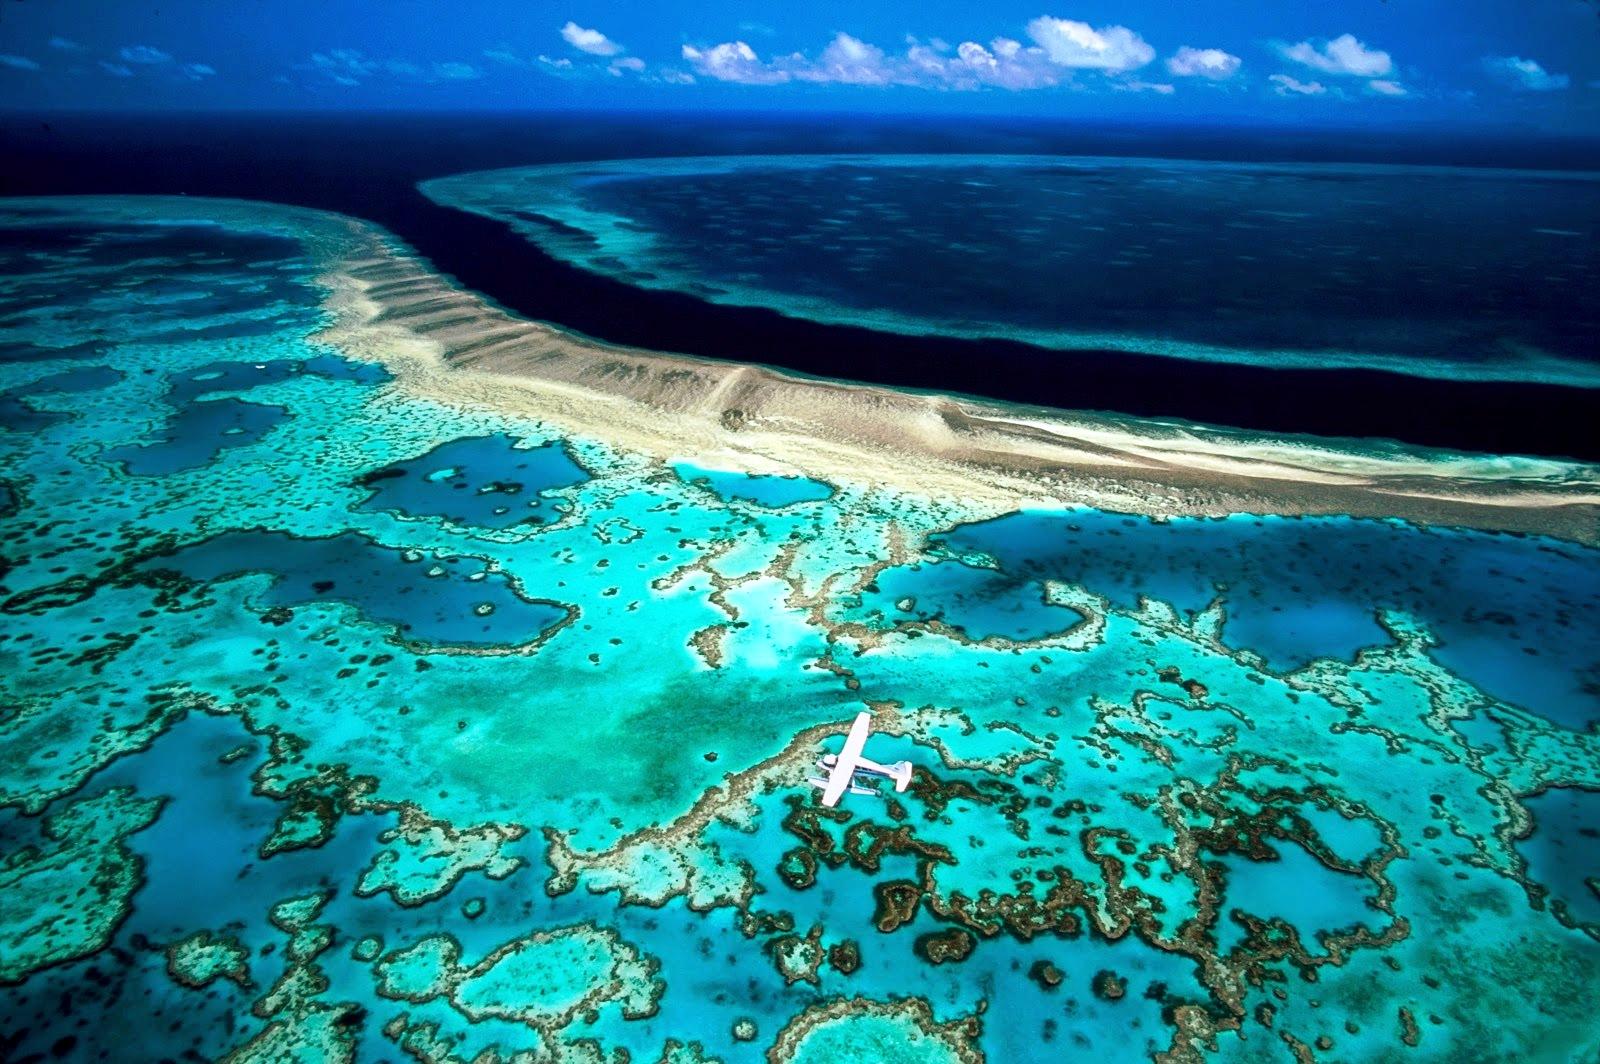 крупнейший риф в мире